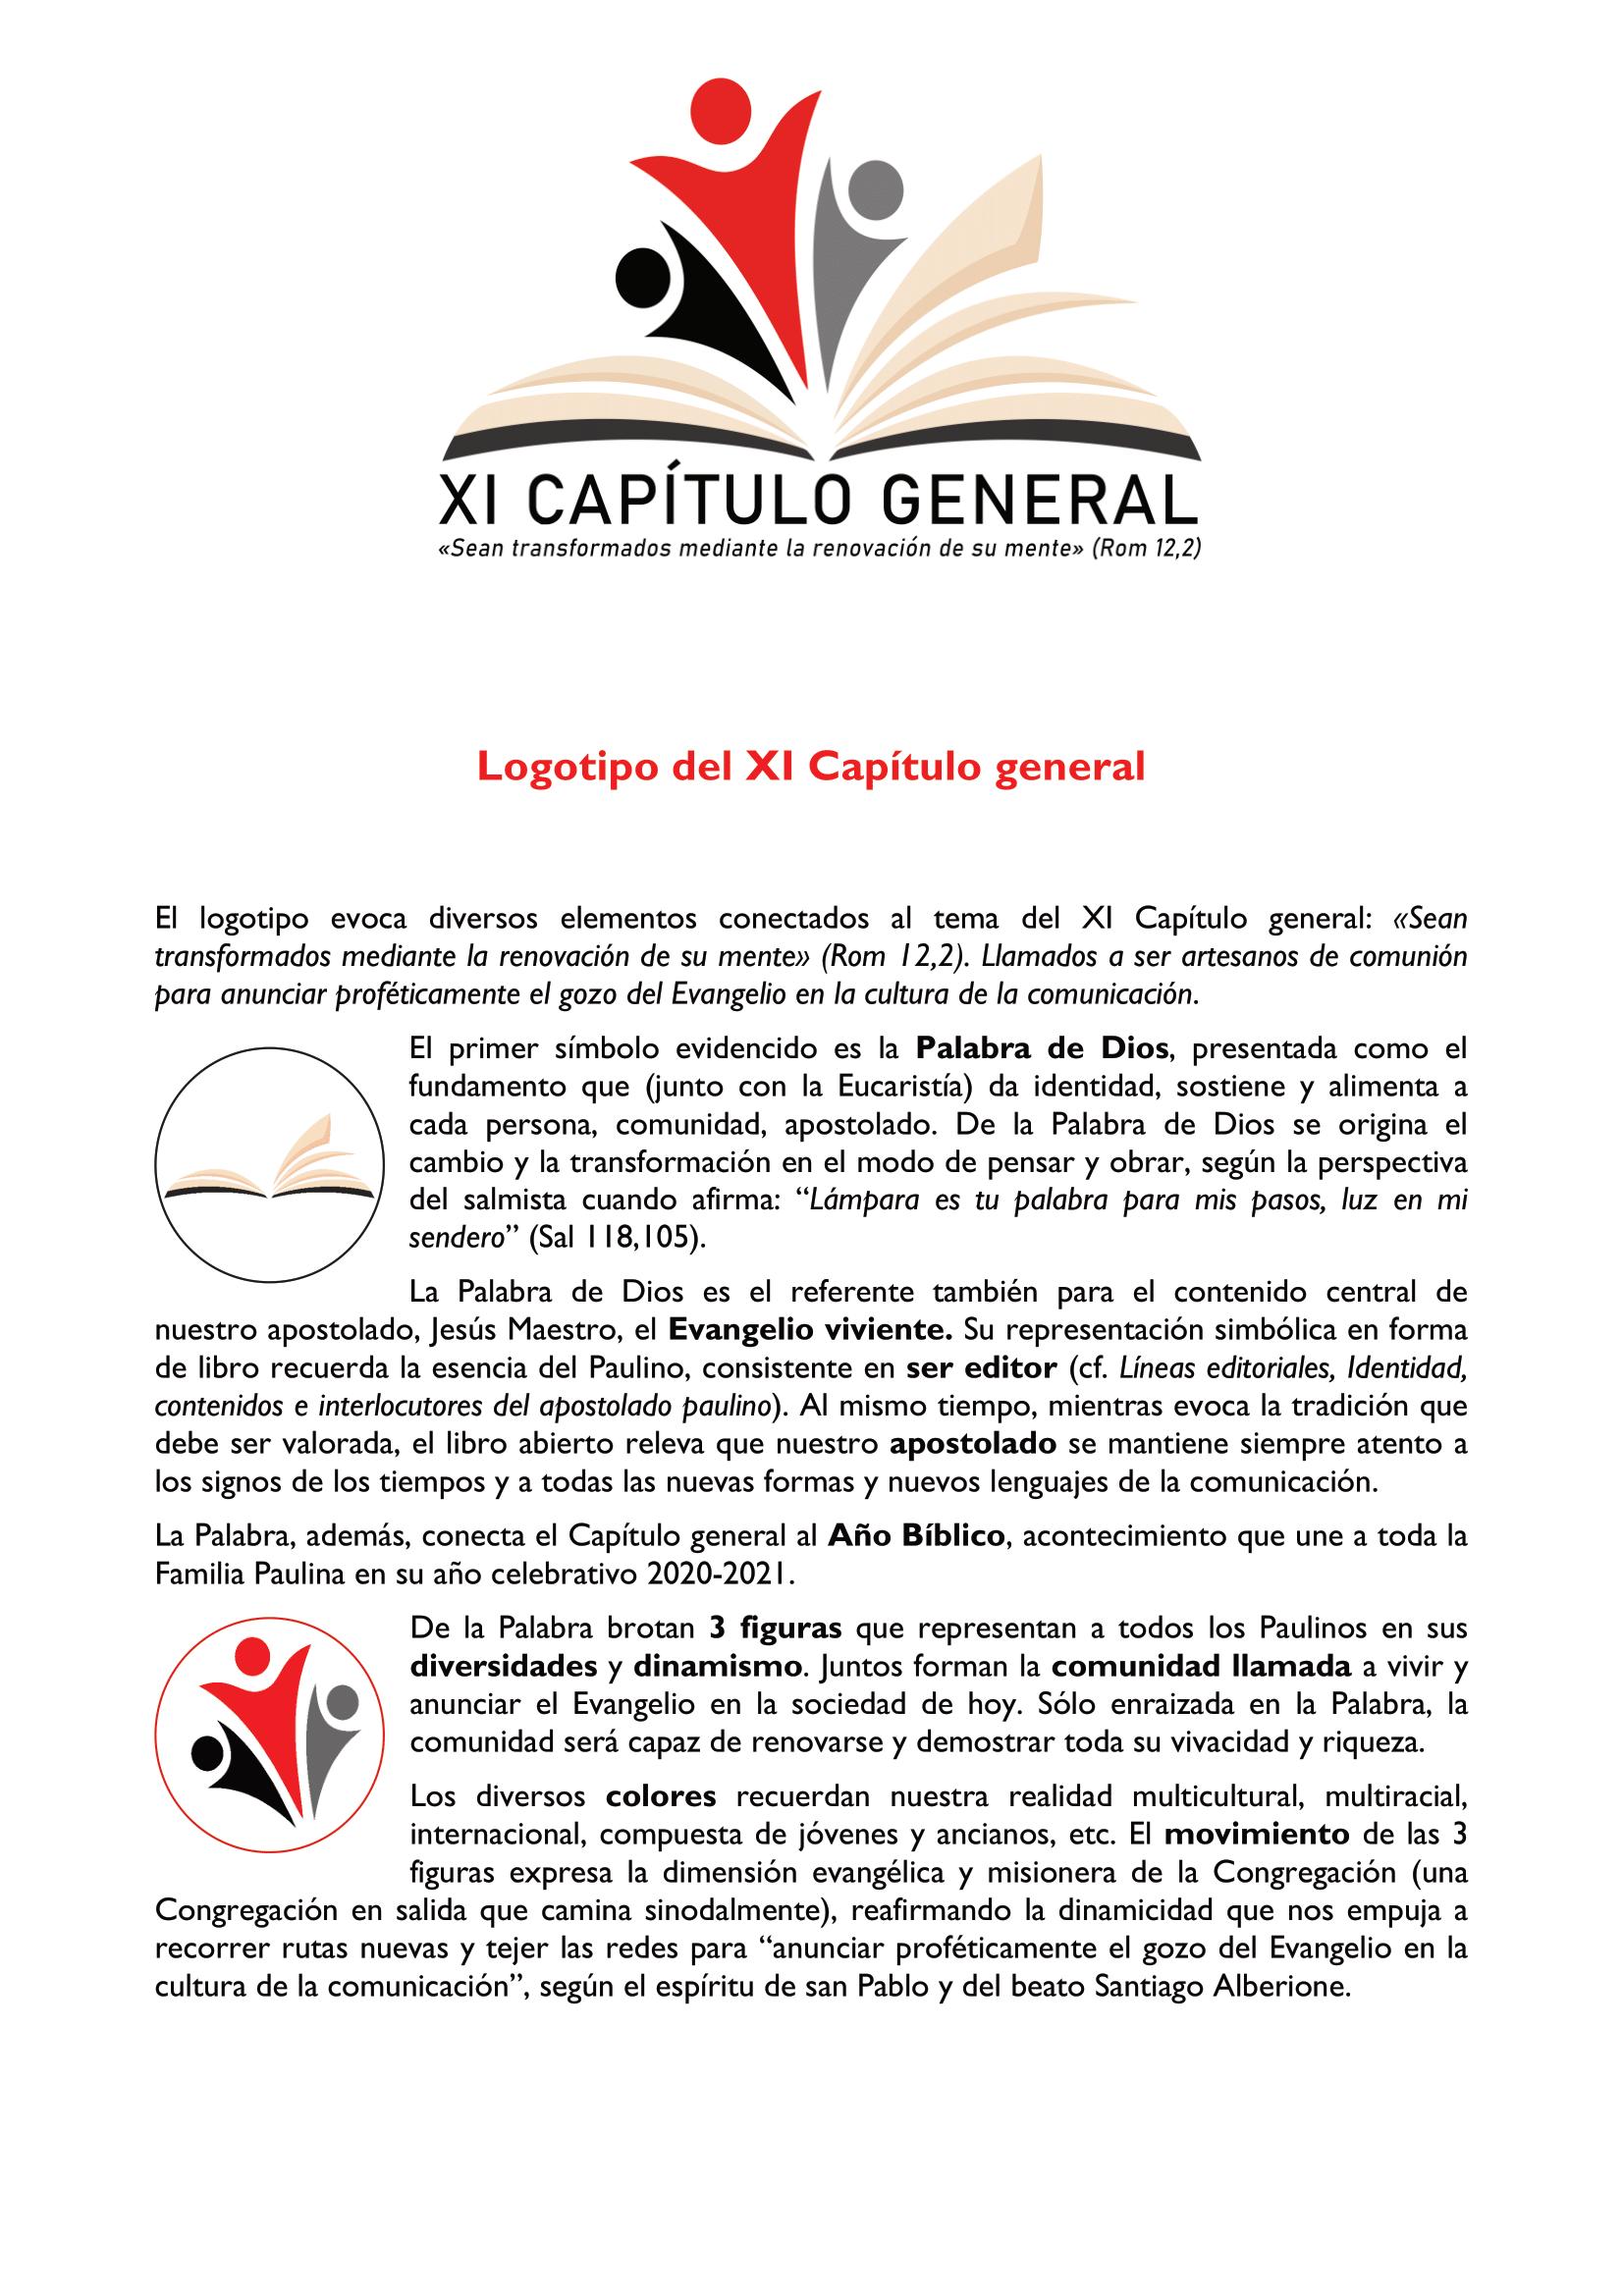 XI CAPÍTULO GENERAL